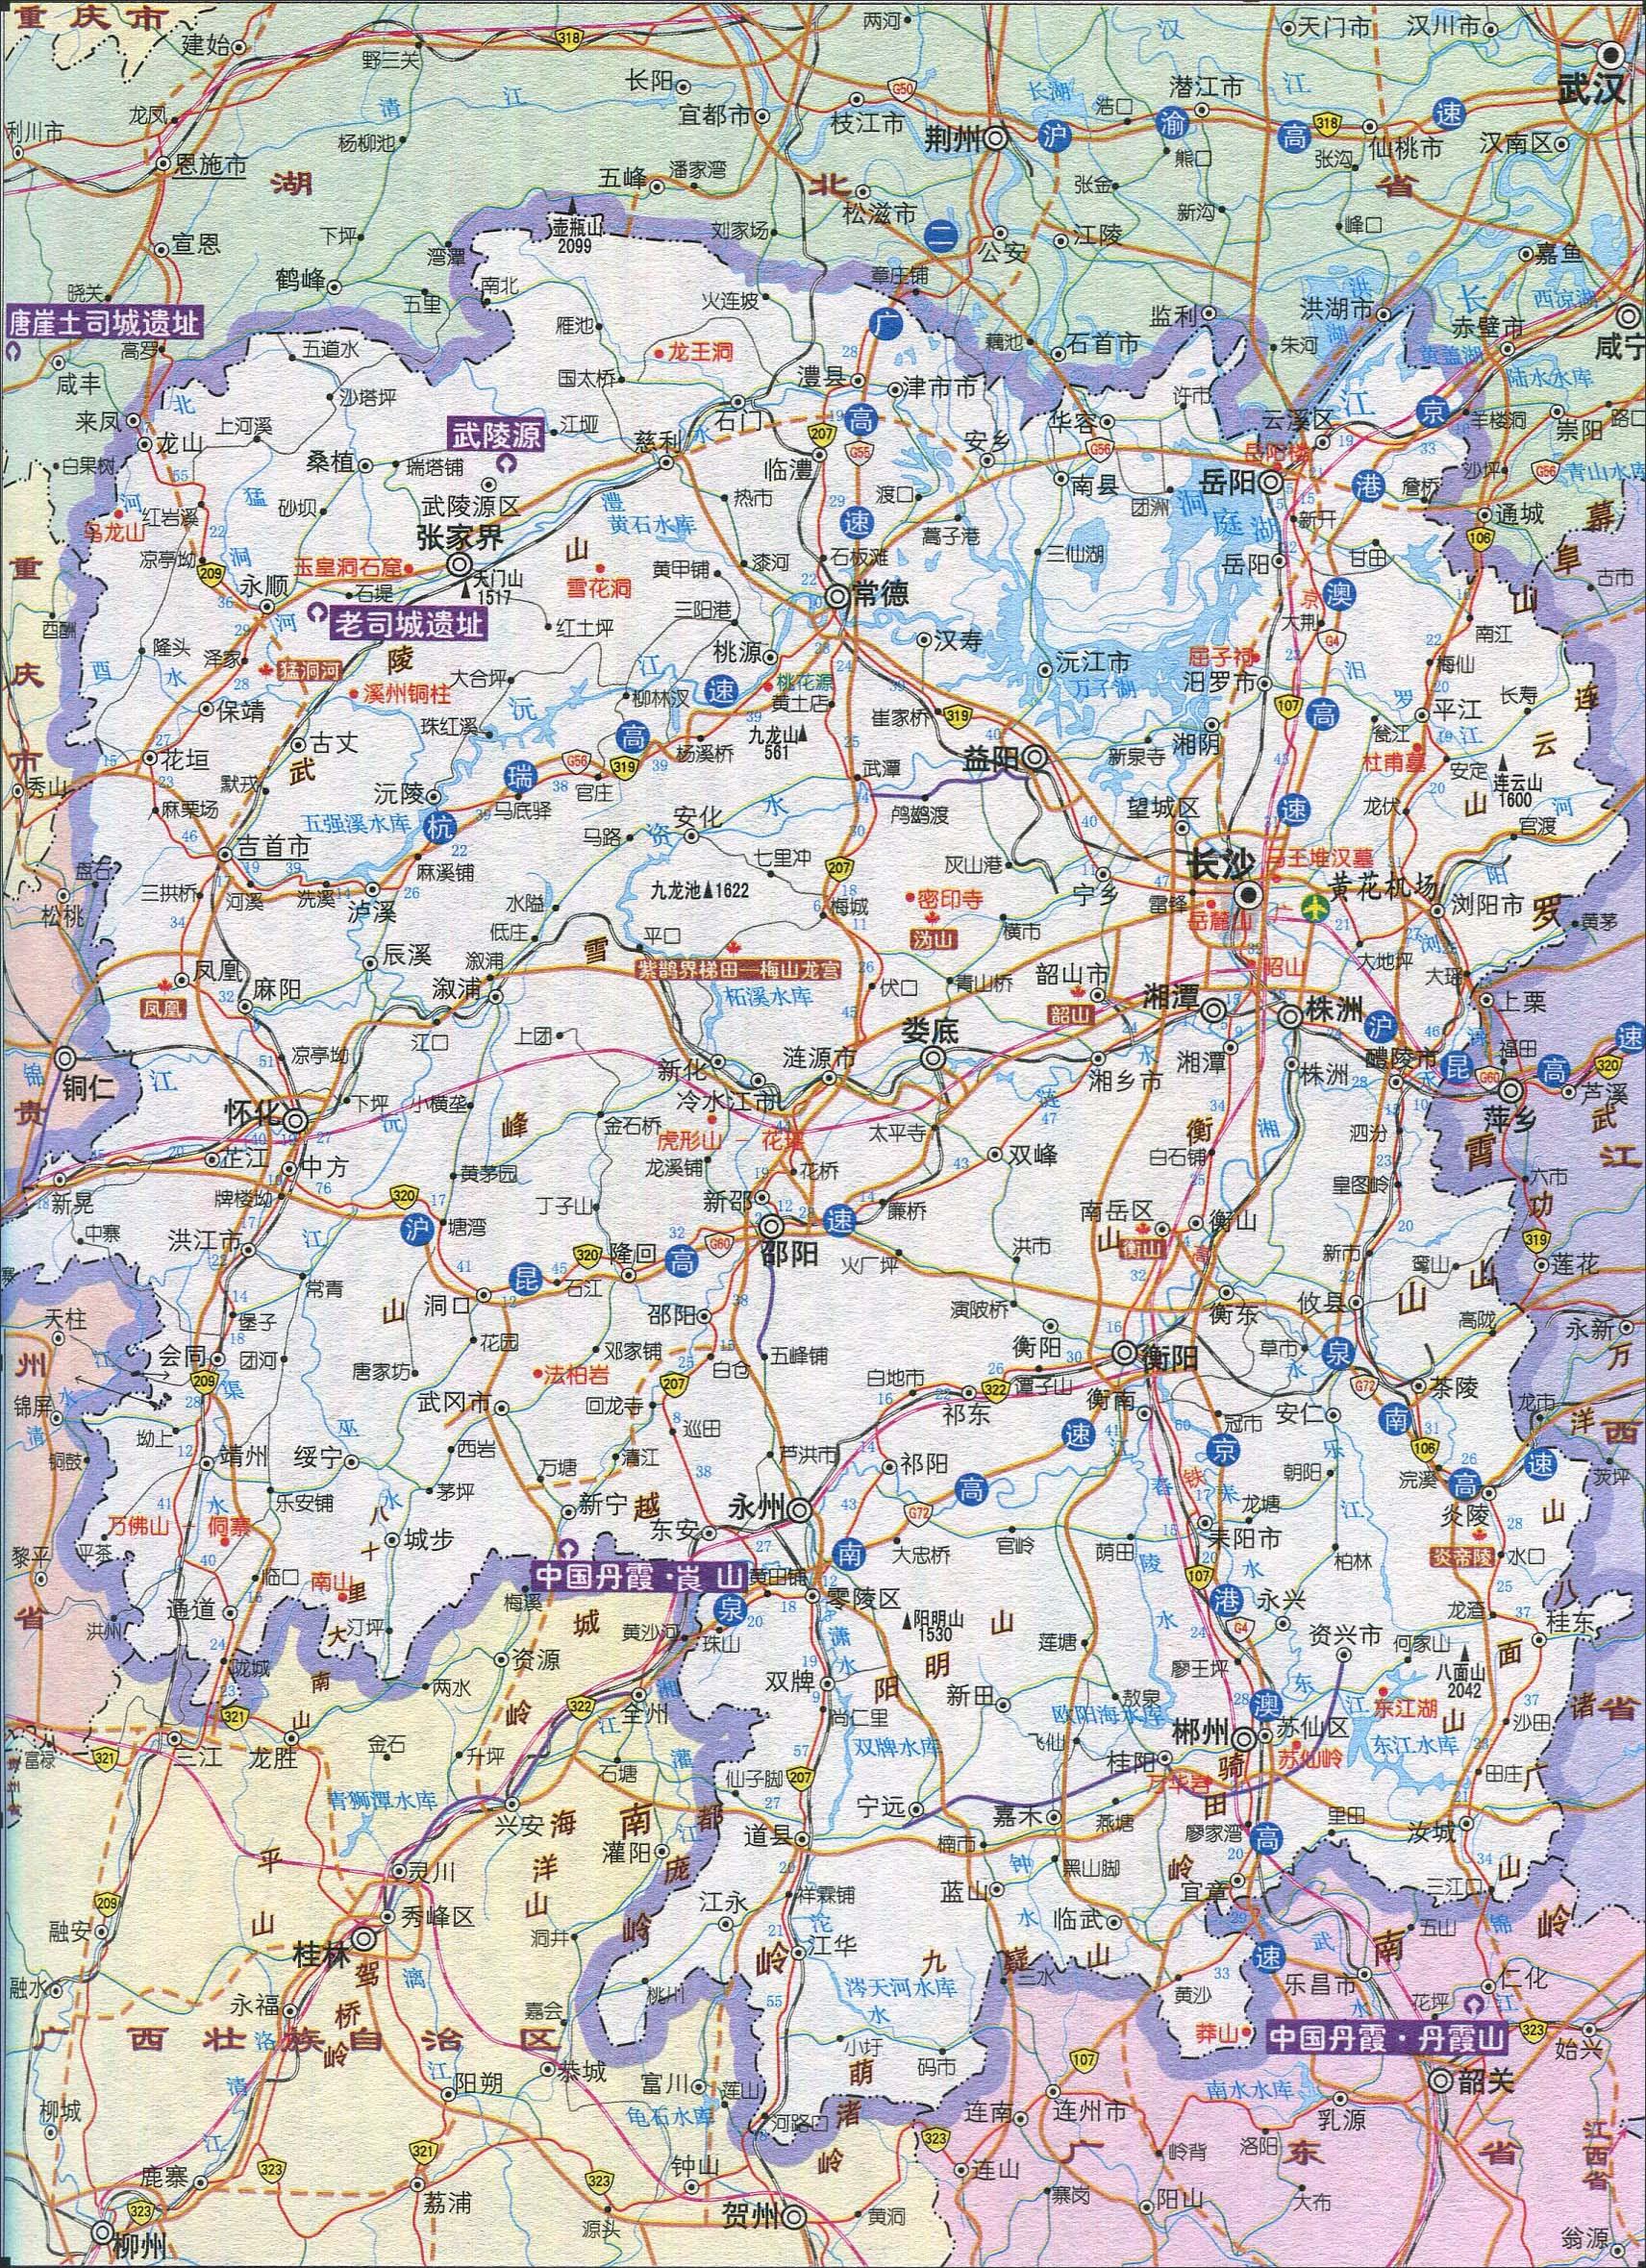 地图库 旅游地图 湖南旅游 >> 湖南省旅游交通地图  景点导航:世界